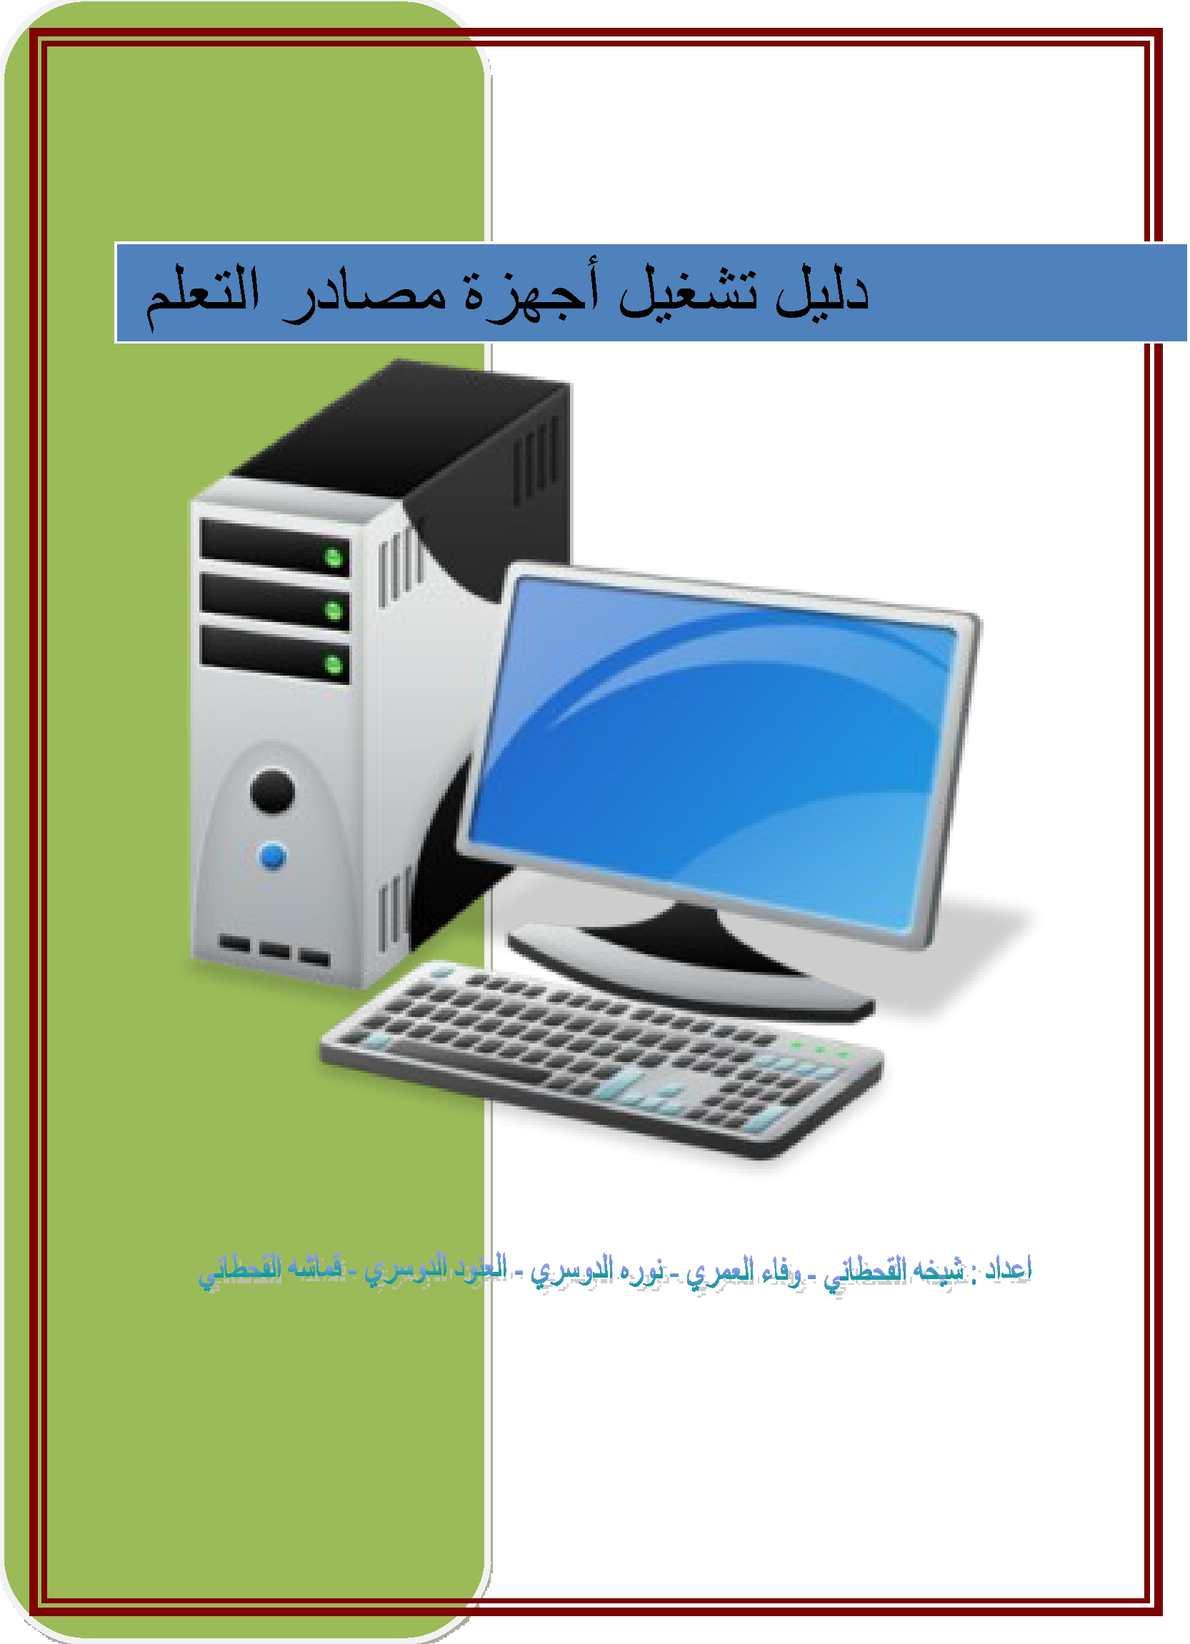 دليل تشغيل اجهزة مركز مصادر التعلم